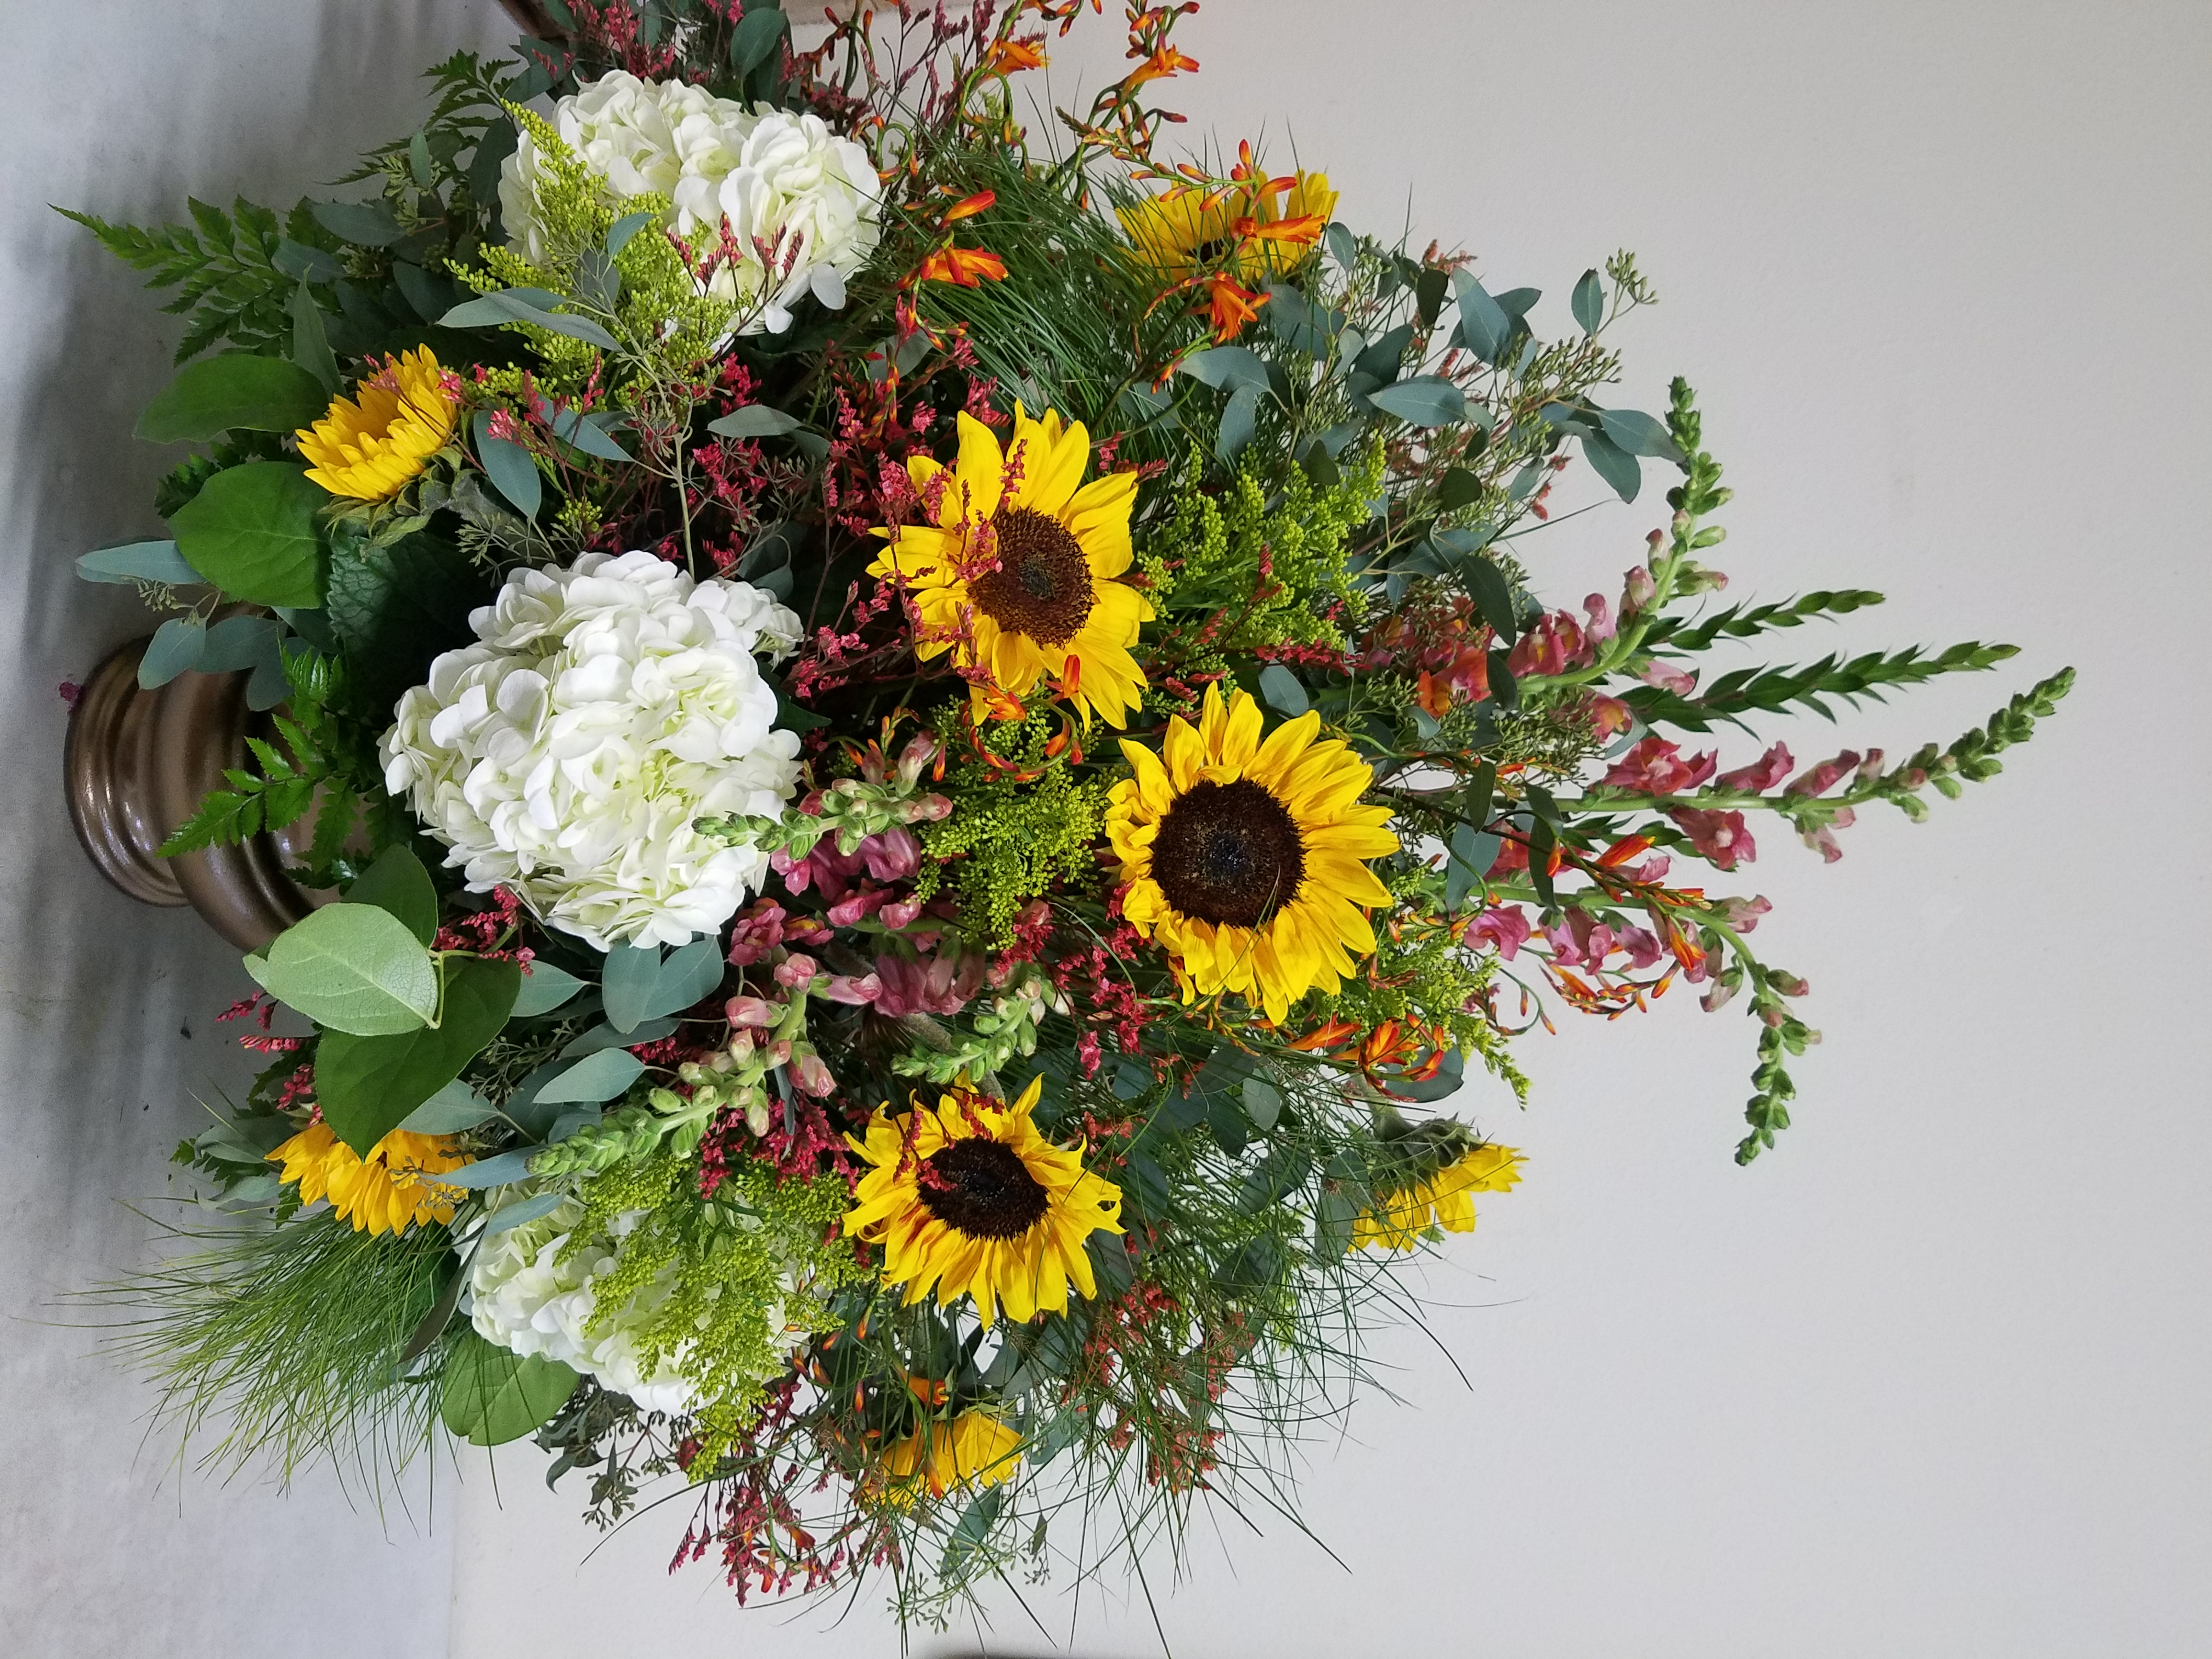 Sunflower & Hydrangea Arrangement